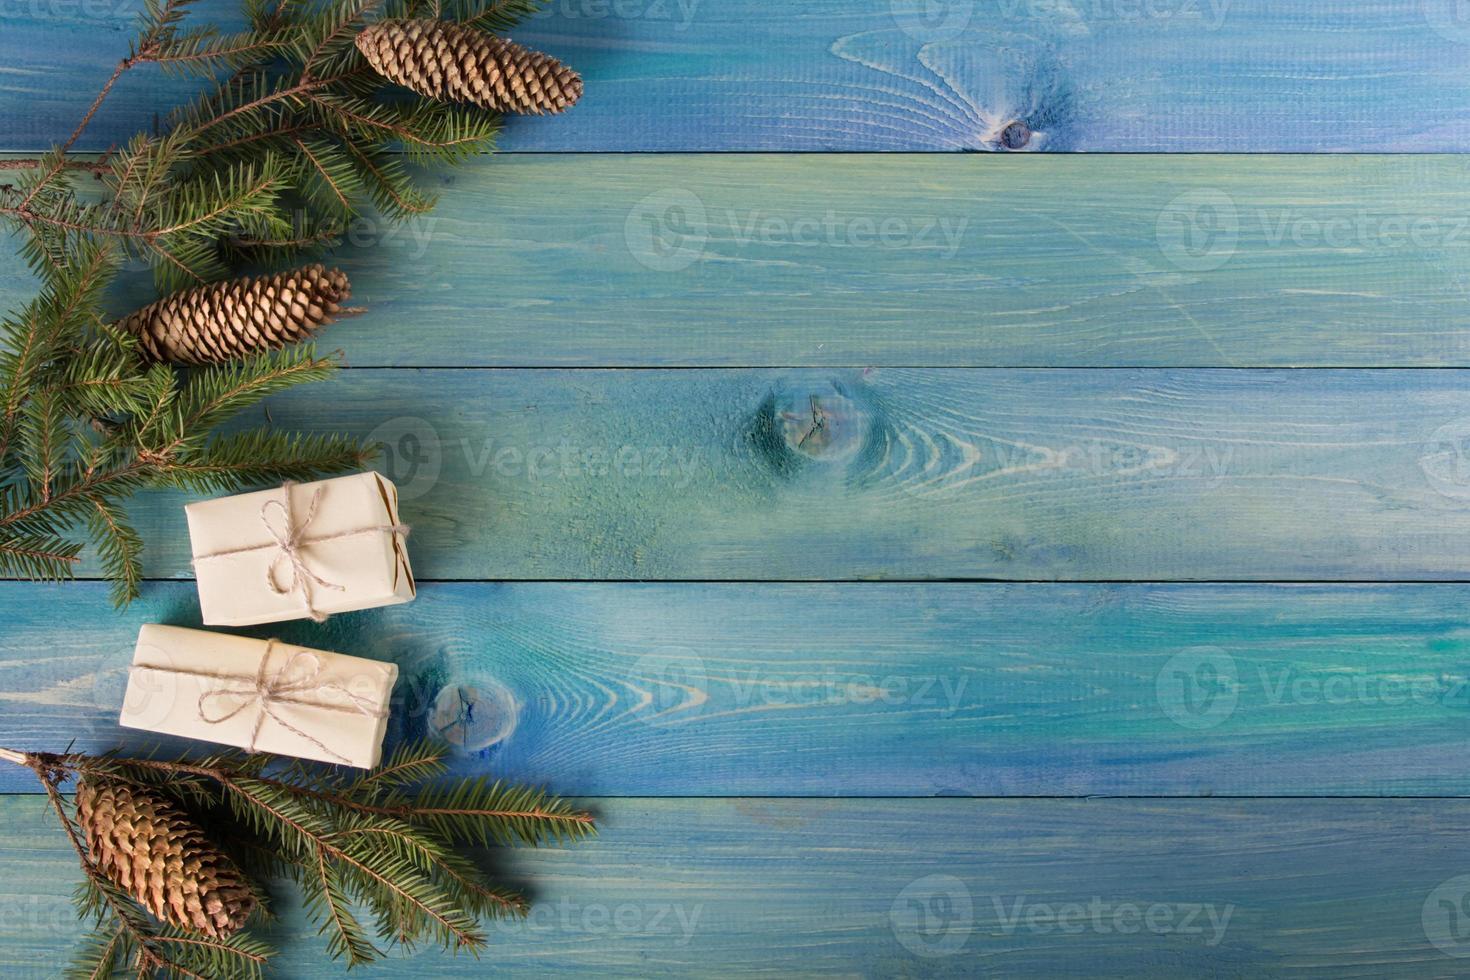 albero di natale abete con decorazione sulla tavola di legno blu. foto